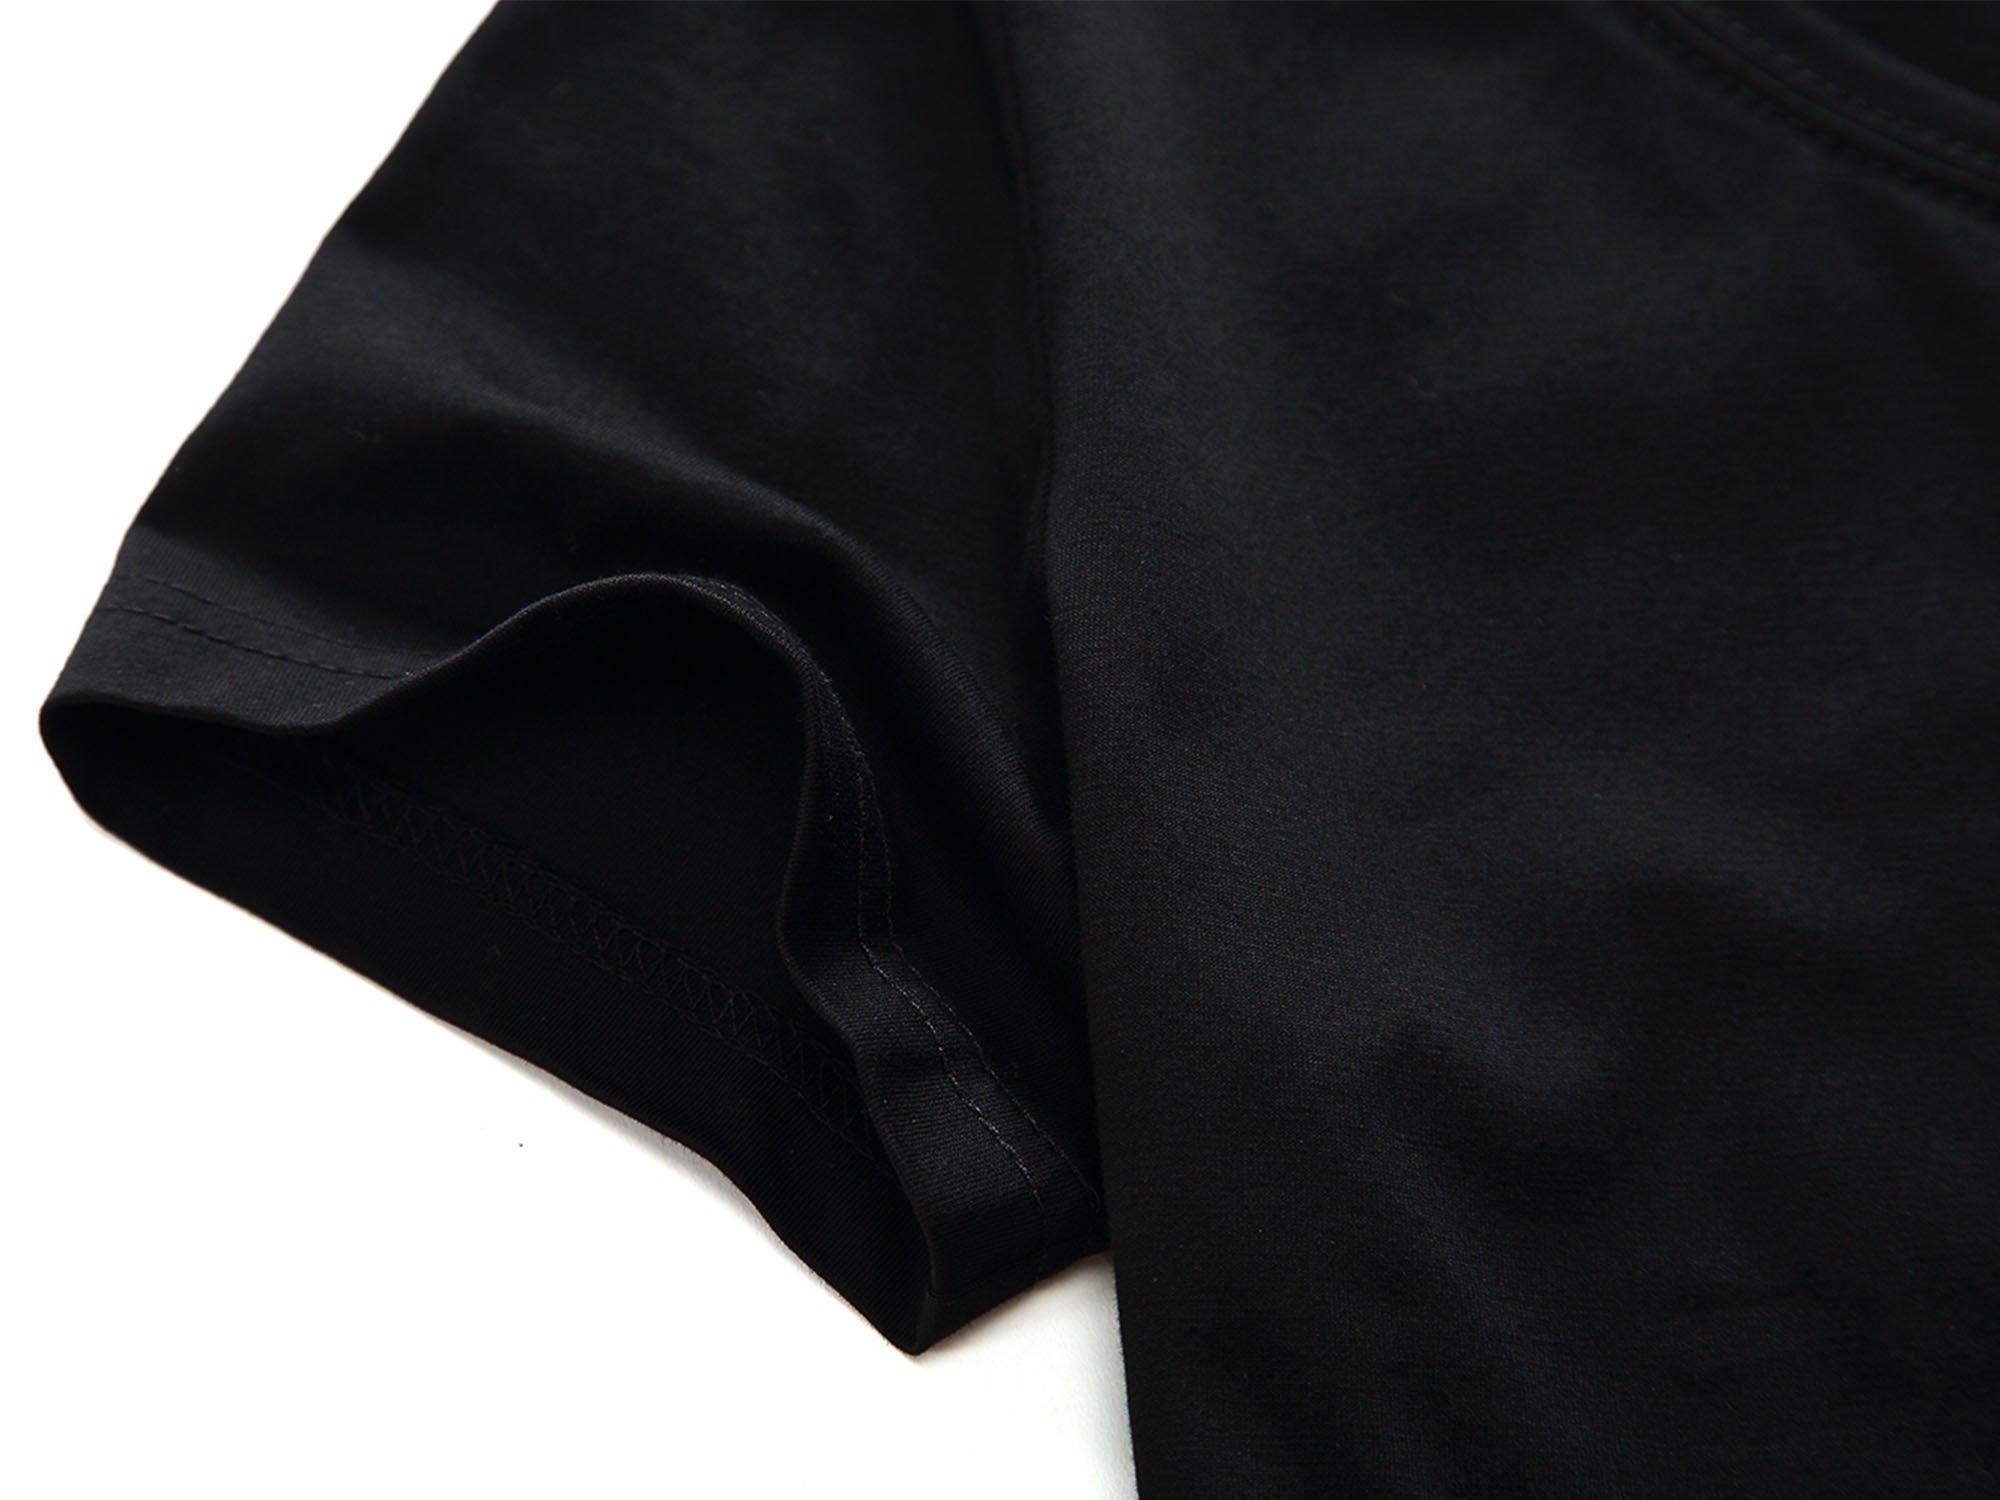 HUHOT Women Short Sleeve Round Neck Summer Casual Flared Midi Dress Large Black by HUHOT (Image #4)